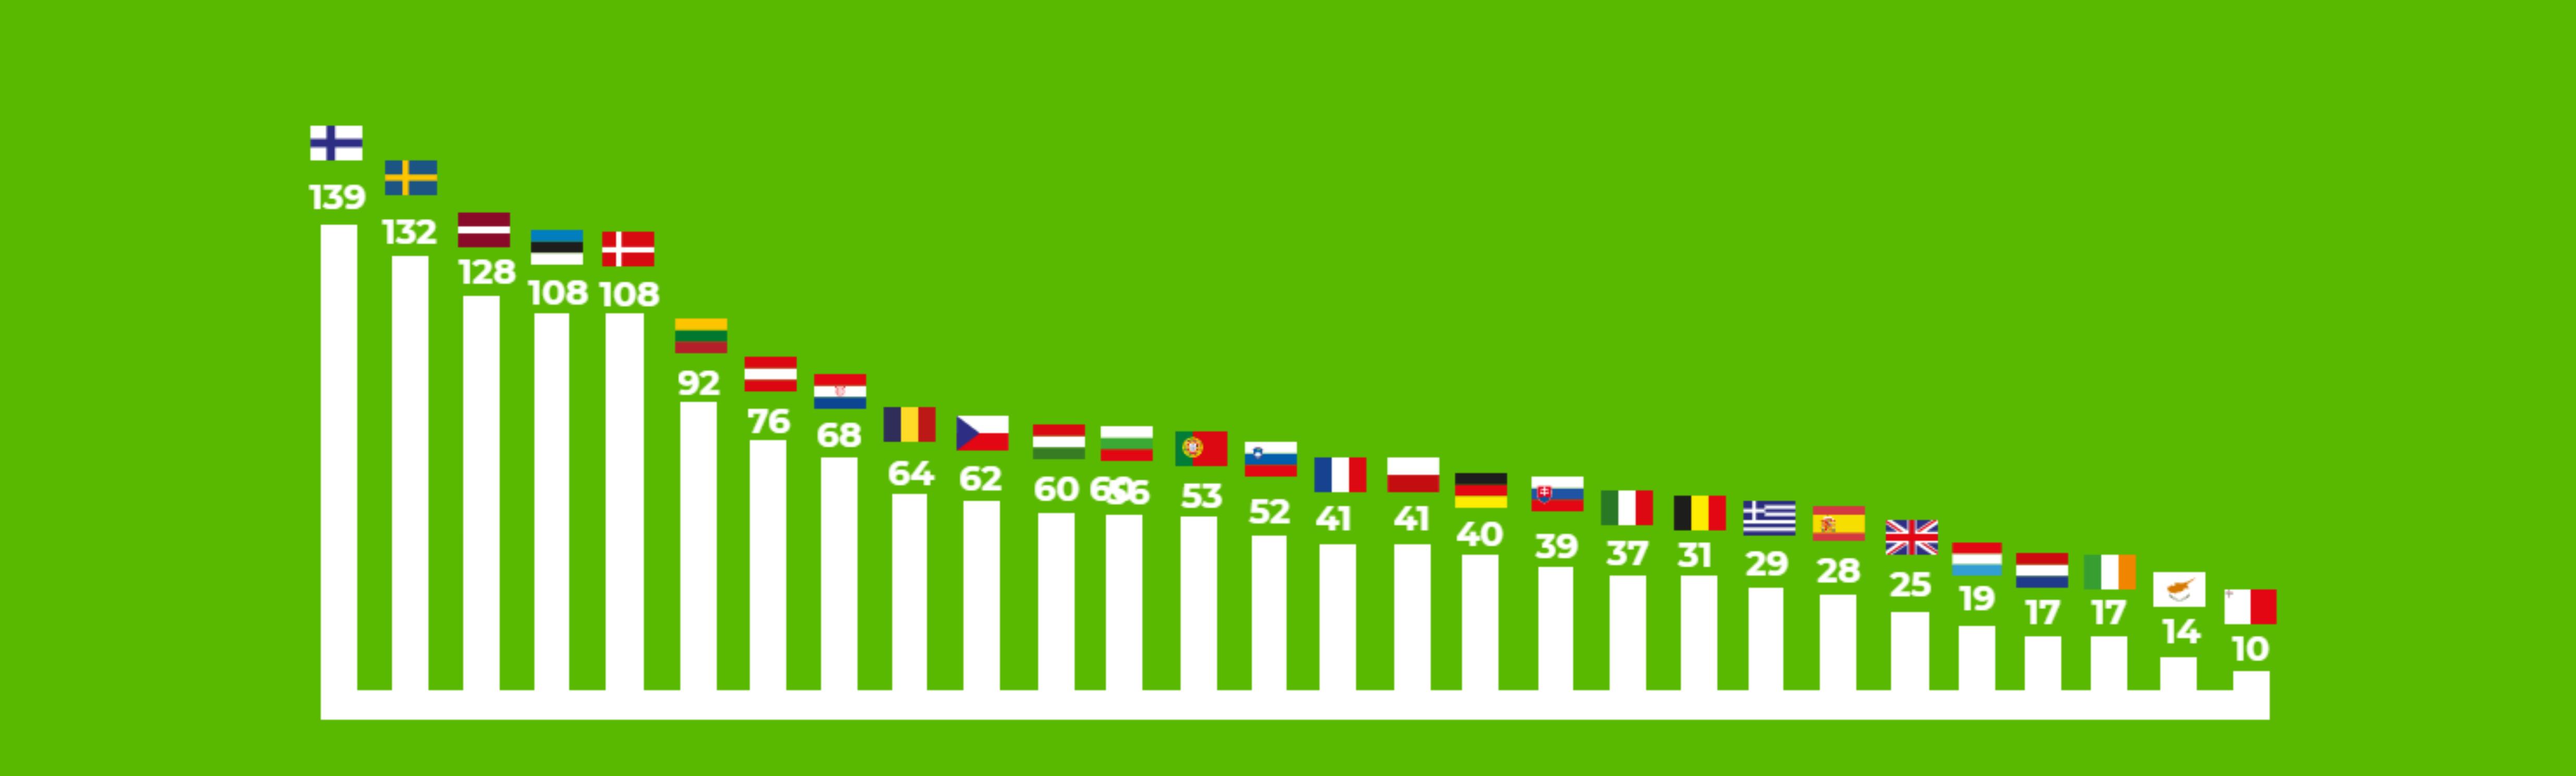 Bioenergy day day chart